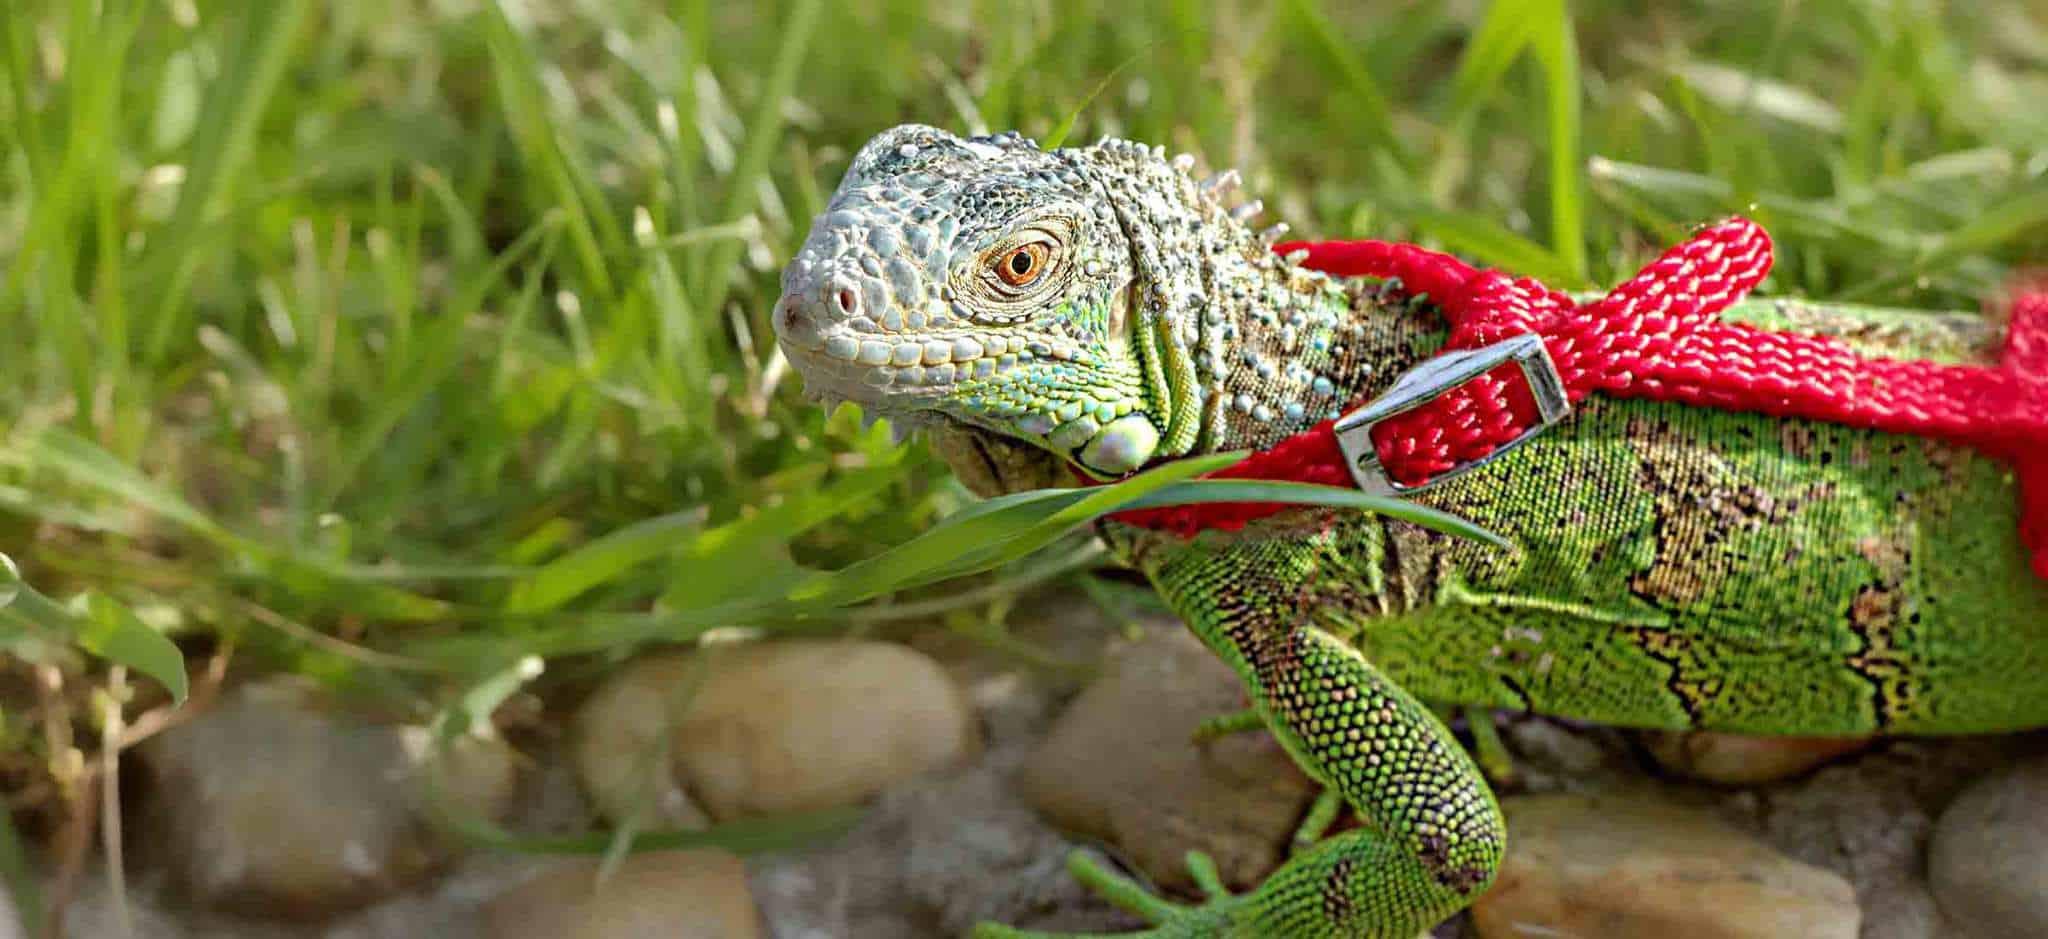 Green lizard on leash